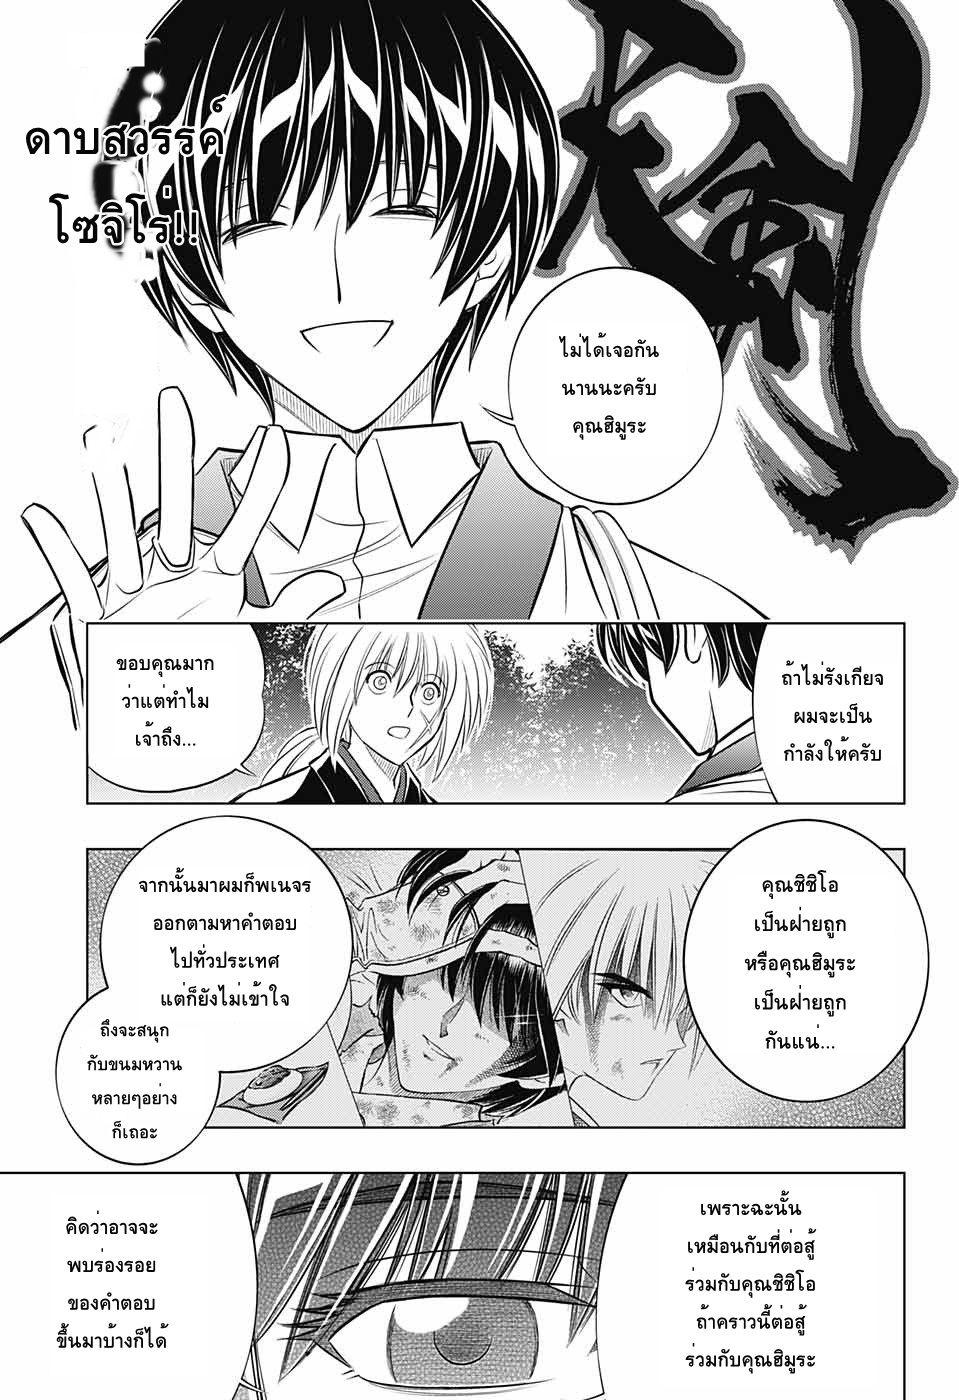 อ่านการ์ตูน Rurouni Kenshin: Hokkaido Arc ตอนที่ 14 หน้าที่ 17